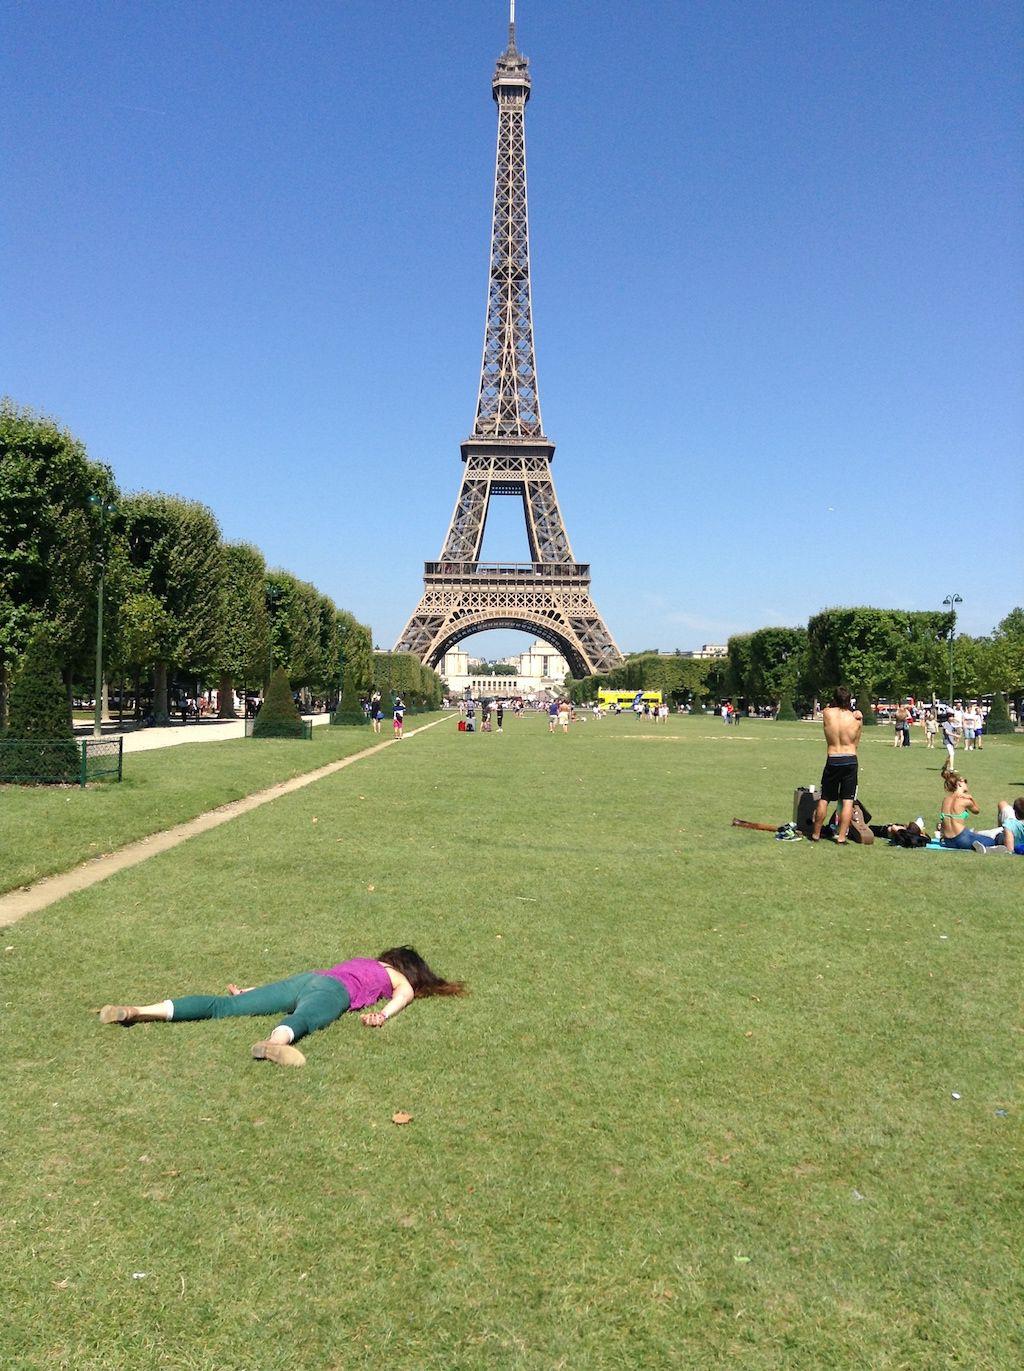 Dziewczyna leżąca twarzą do ziemi obok wieży Eiffle'a